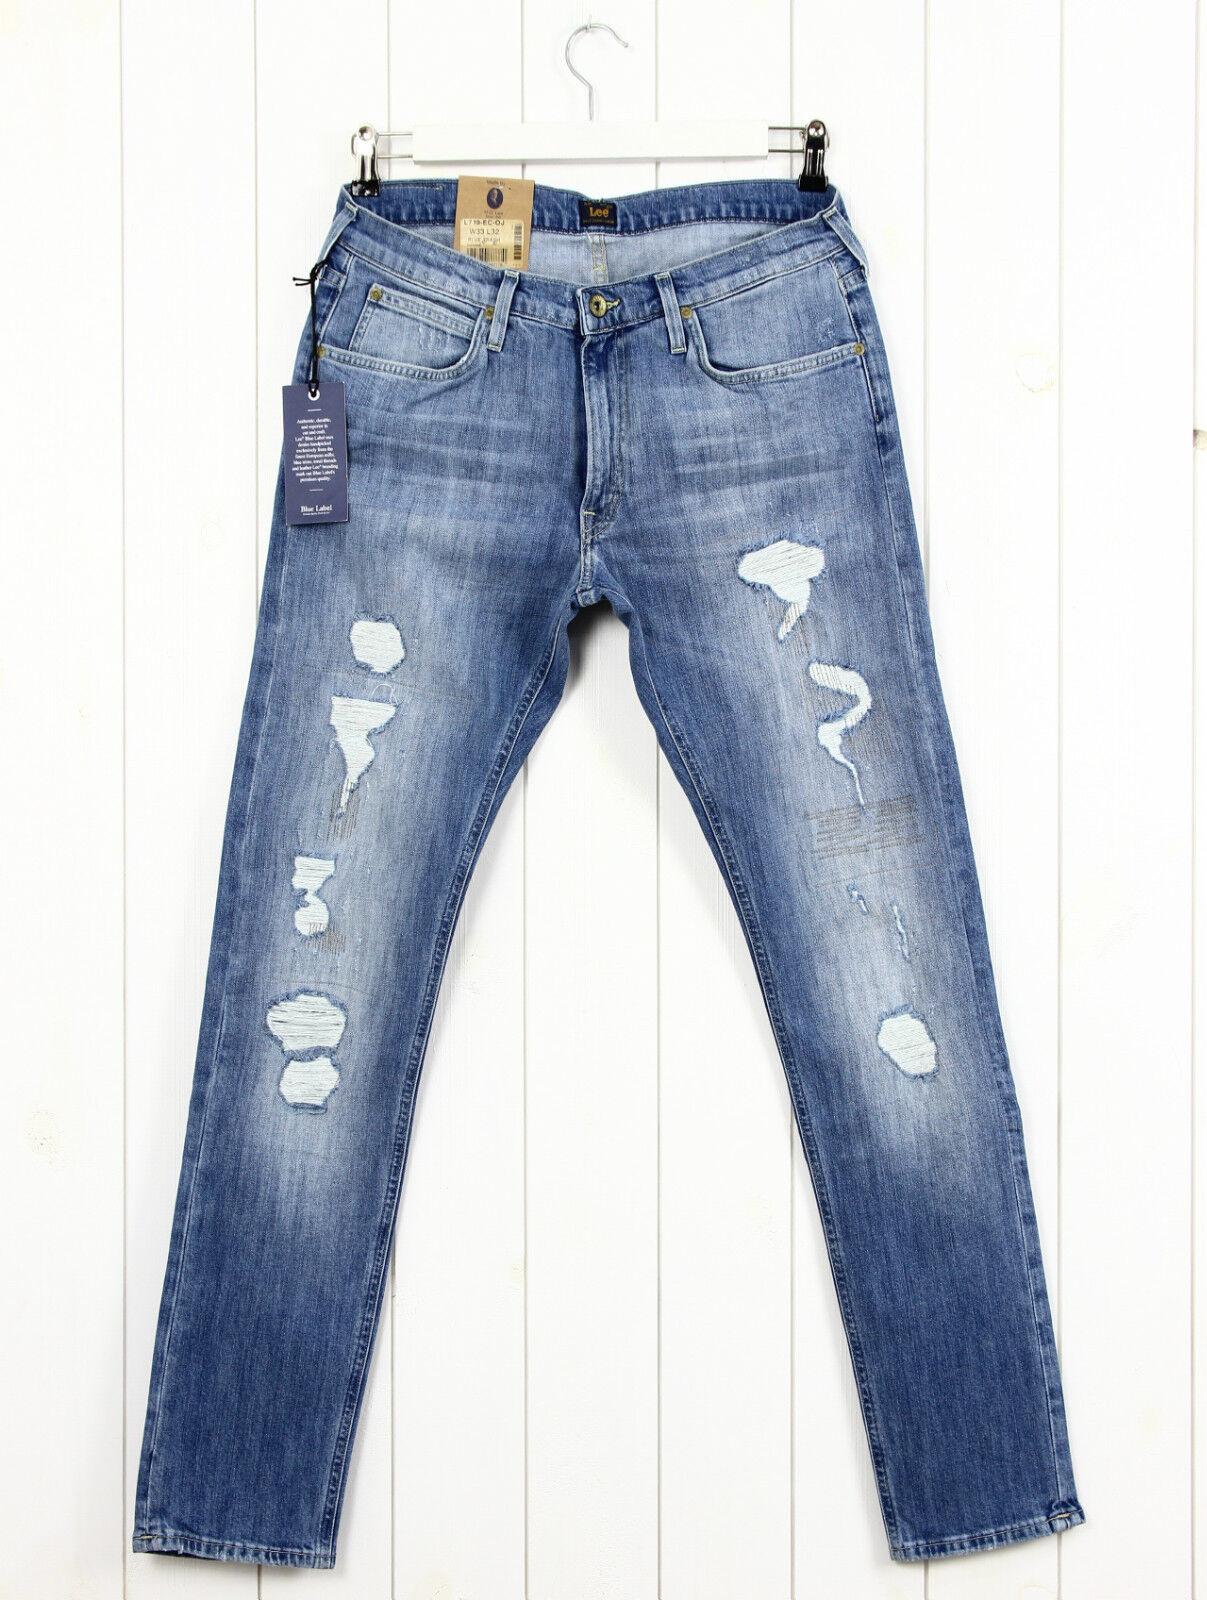 NEU Lee Luke Jeans schmal kegelförmig blue Löcher Zerrissen L32 L34 101-